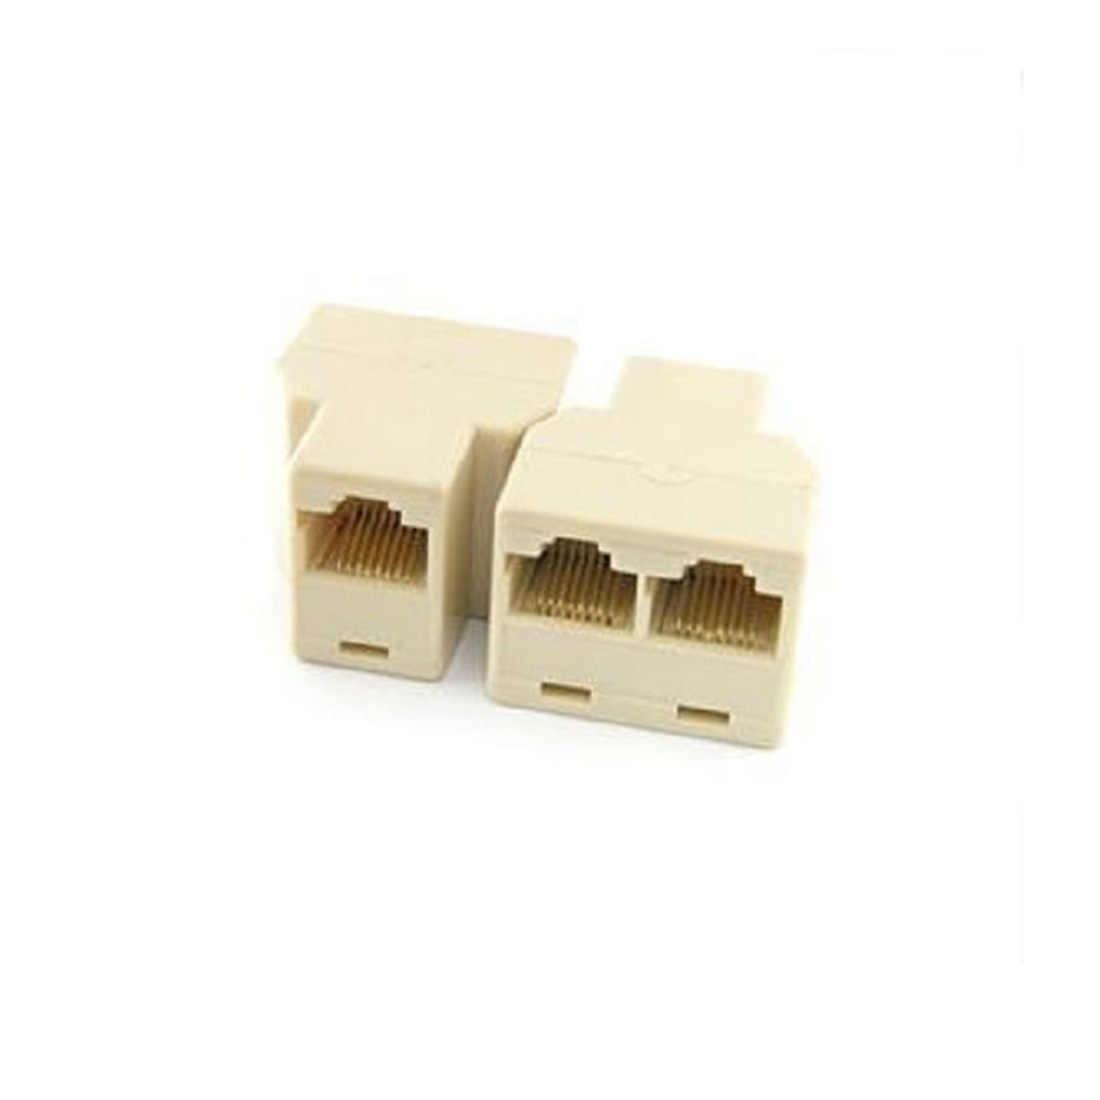 hight resolution of hot rj45 ethernet cable lan port 1 to 2 socket splitter rj45 splitter connector cat5 lan